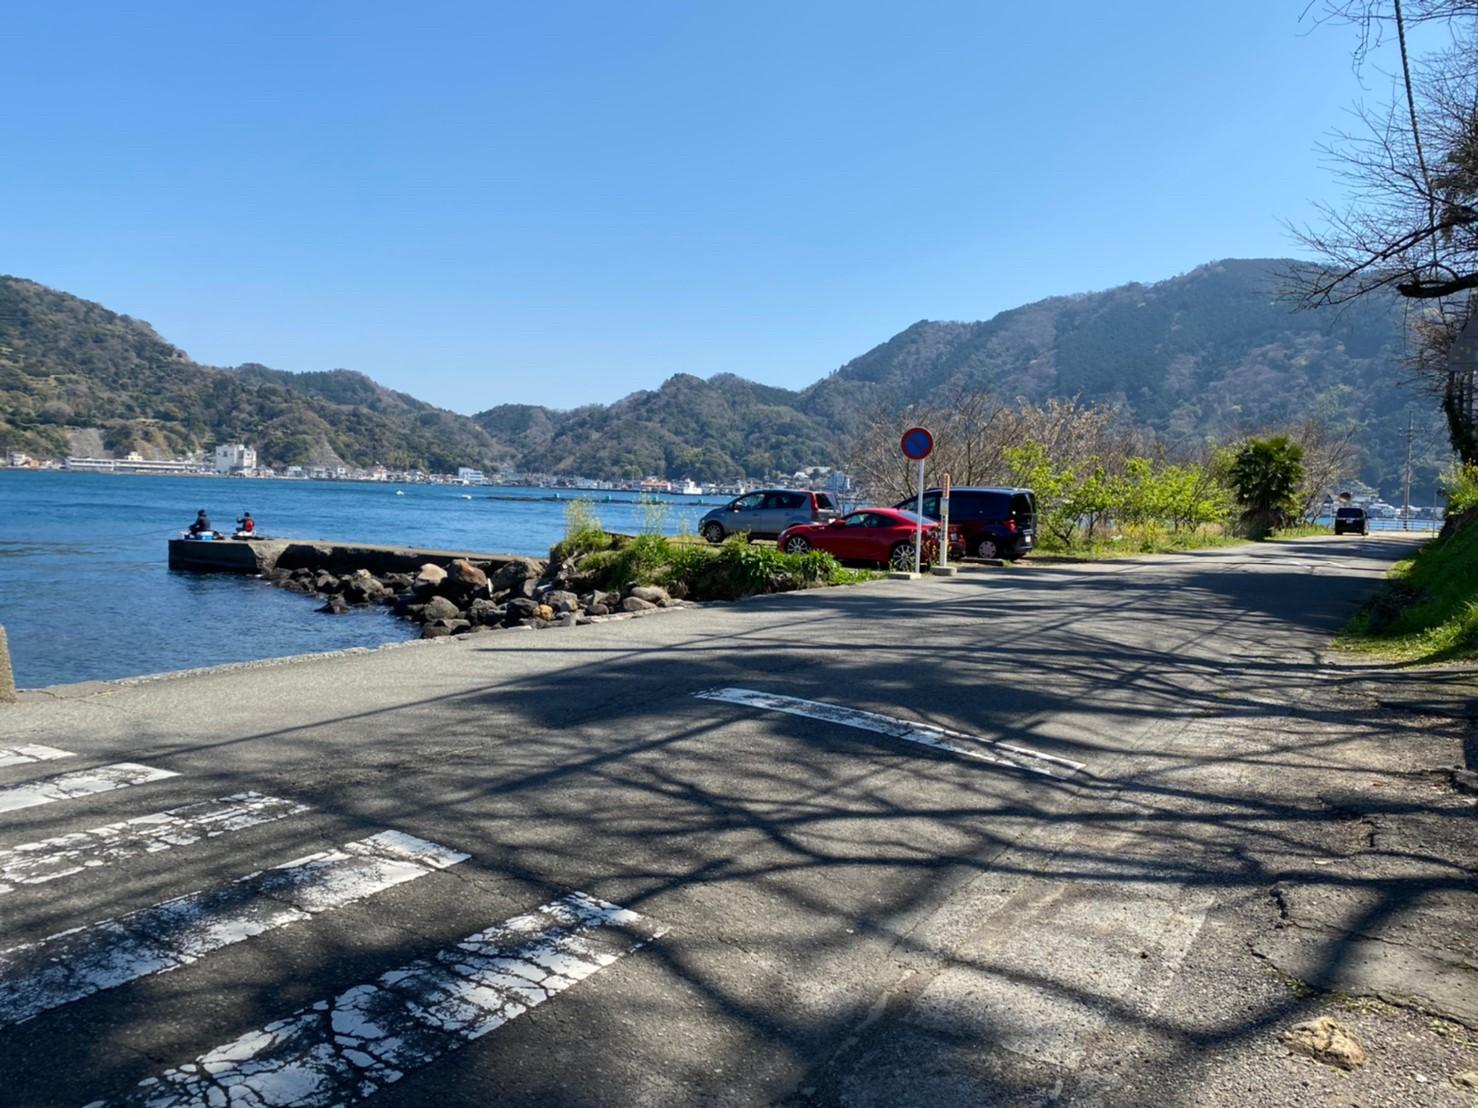 【沼津市】『長井崎突堤』の釣り場ガイド(釣れる魚・駐車場)